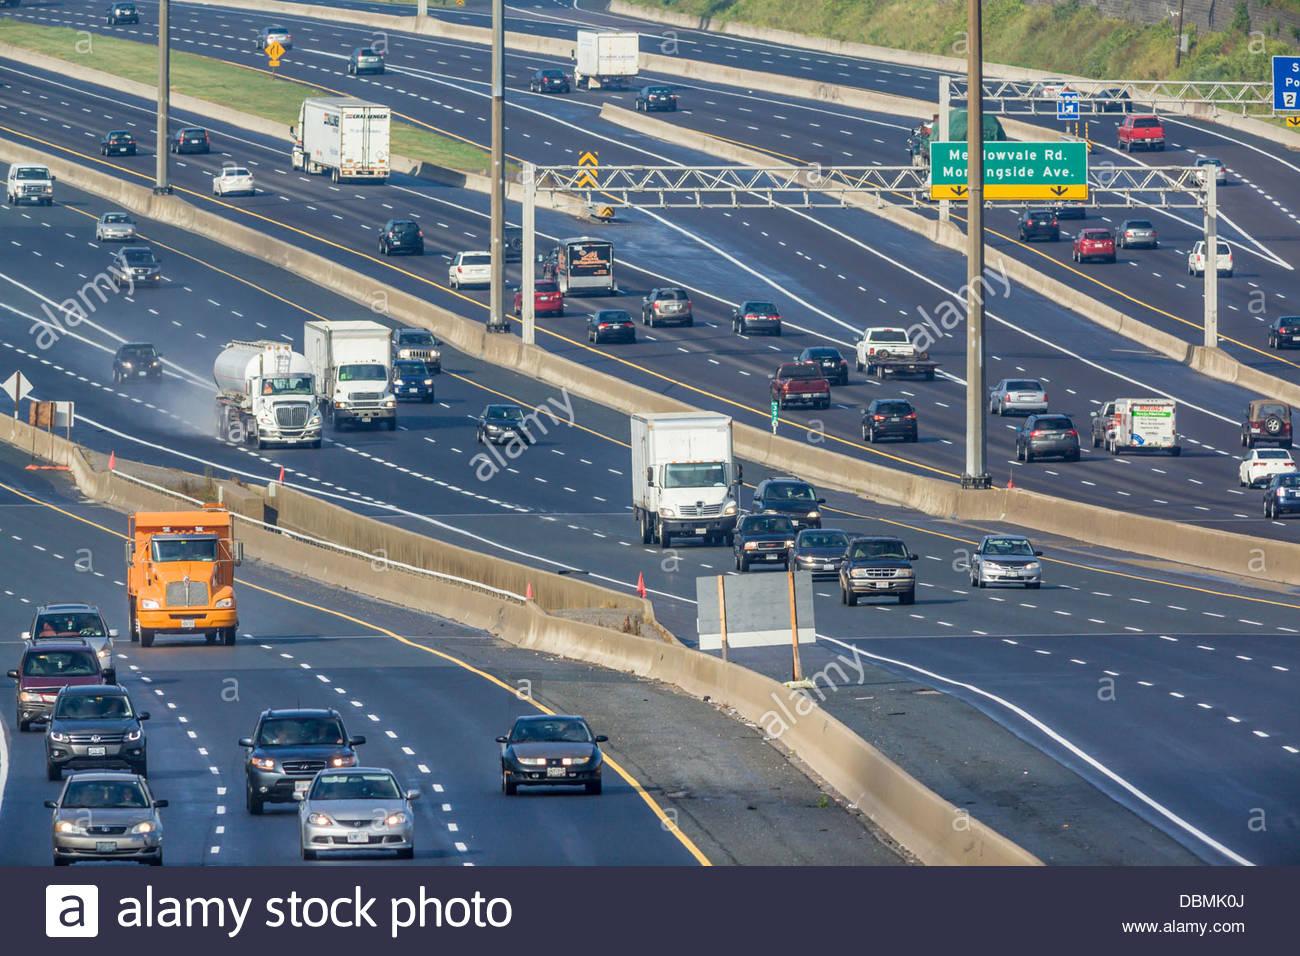 Autostrada 401 o Macdonald-Cartier Freeway, la più trafficata autostrada nel nord America a Pickering Toronto Immagini Stock